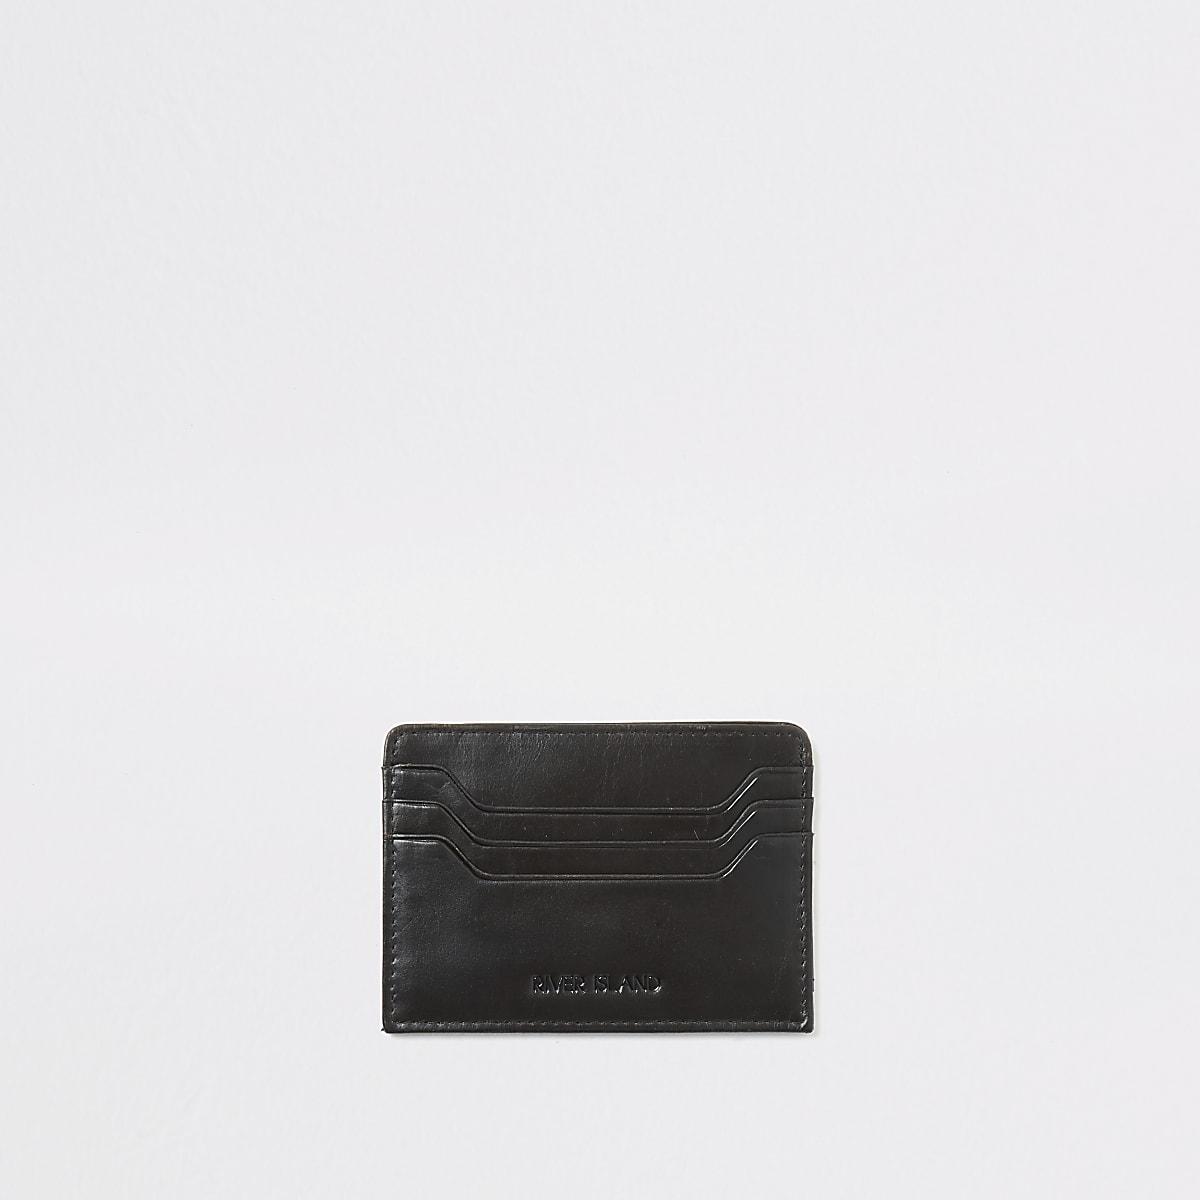 Porte-cartes noir en cuir aspectusé